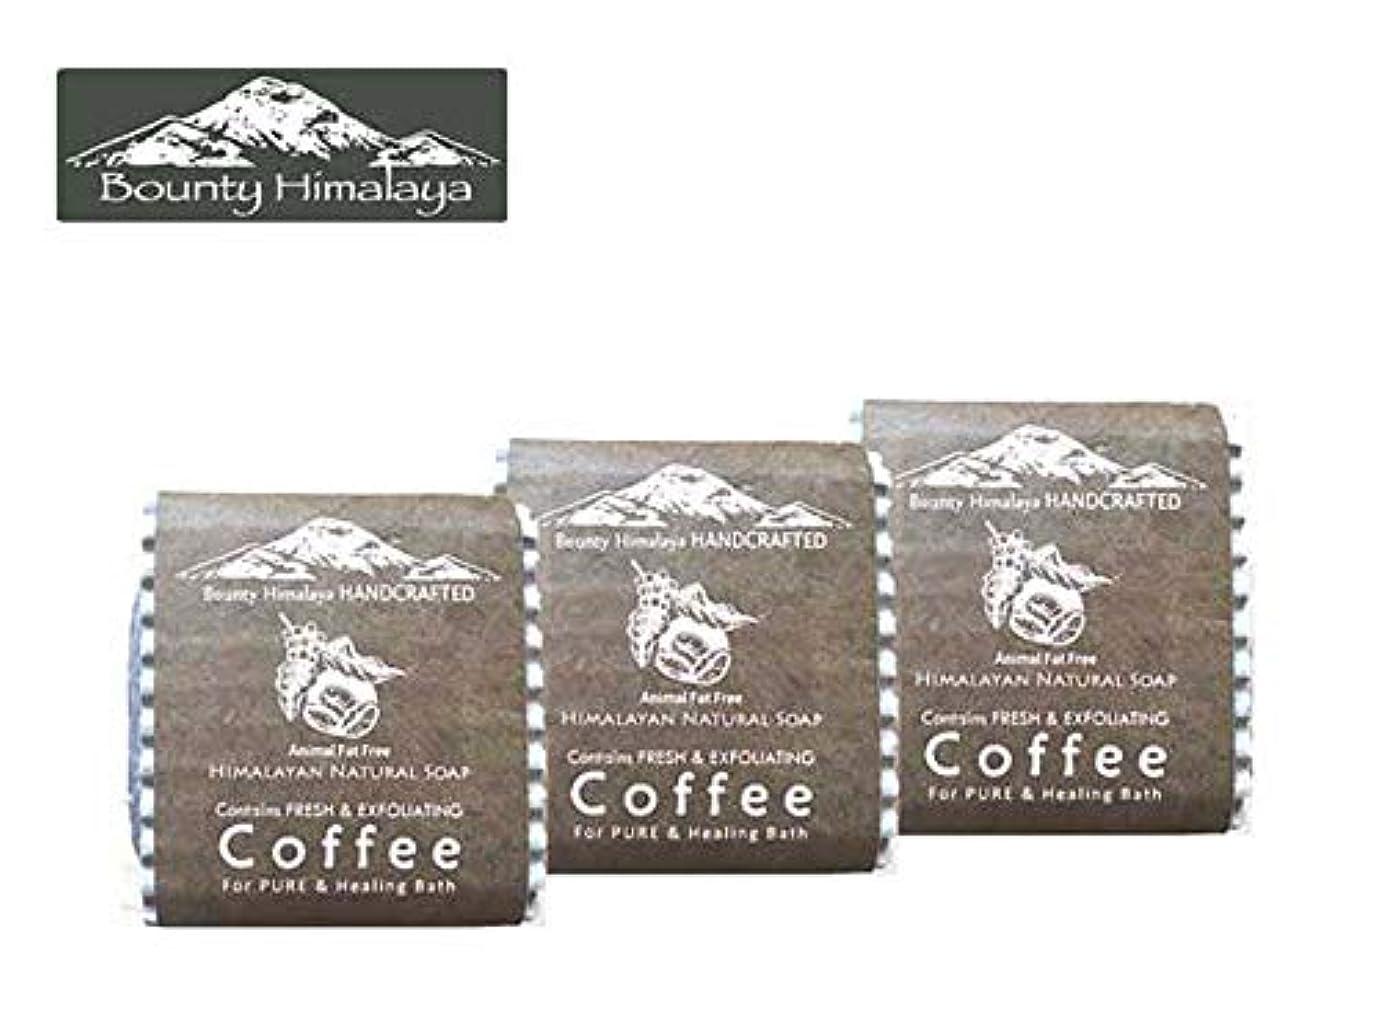 極めて重要なアマゾンジャングル公使館アーユルヴェーダ ヒマラヤ コーヒー ソープ3セット Bounty Himalaya Coffee SOAP(NEPAL AYURVEDA) 100g